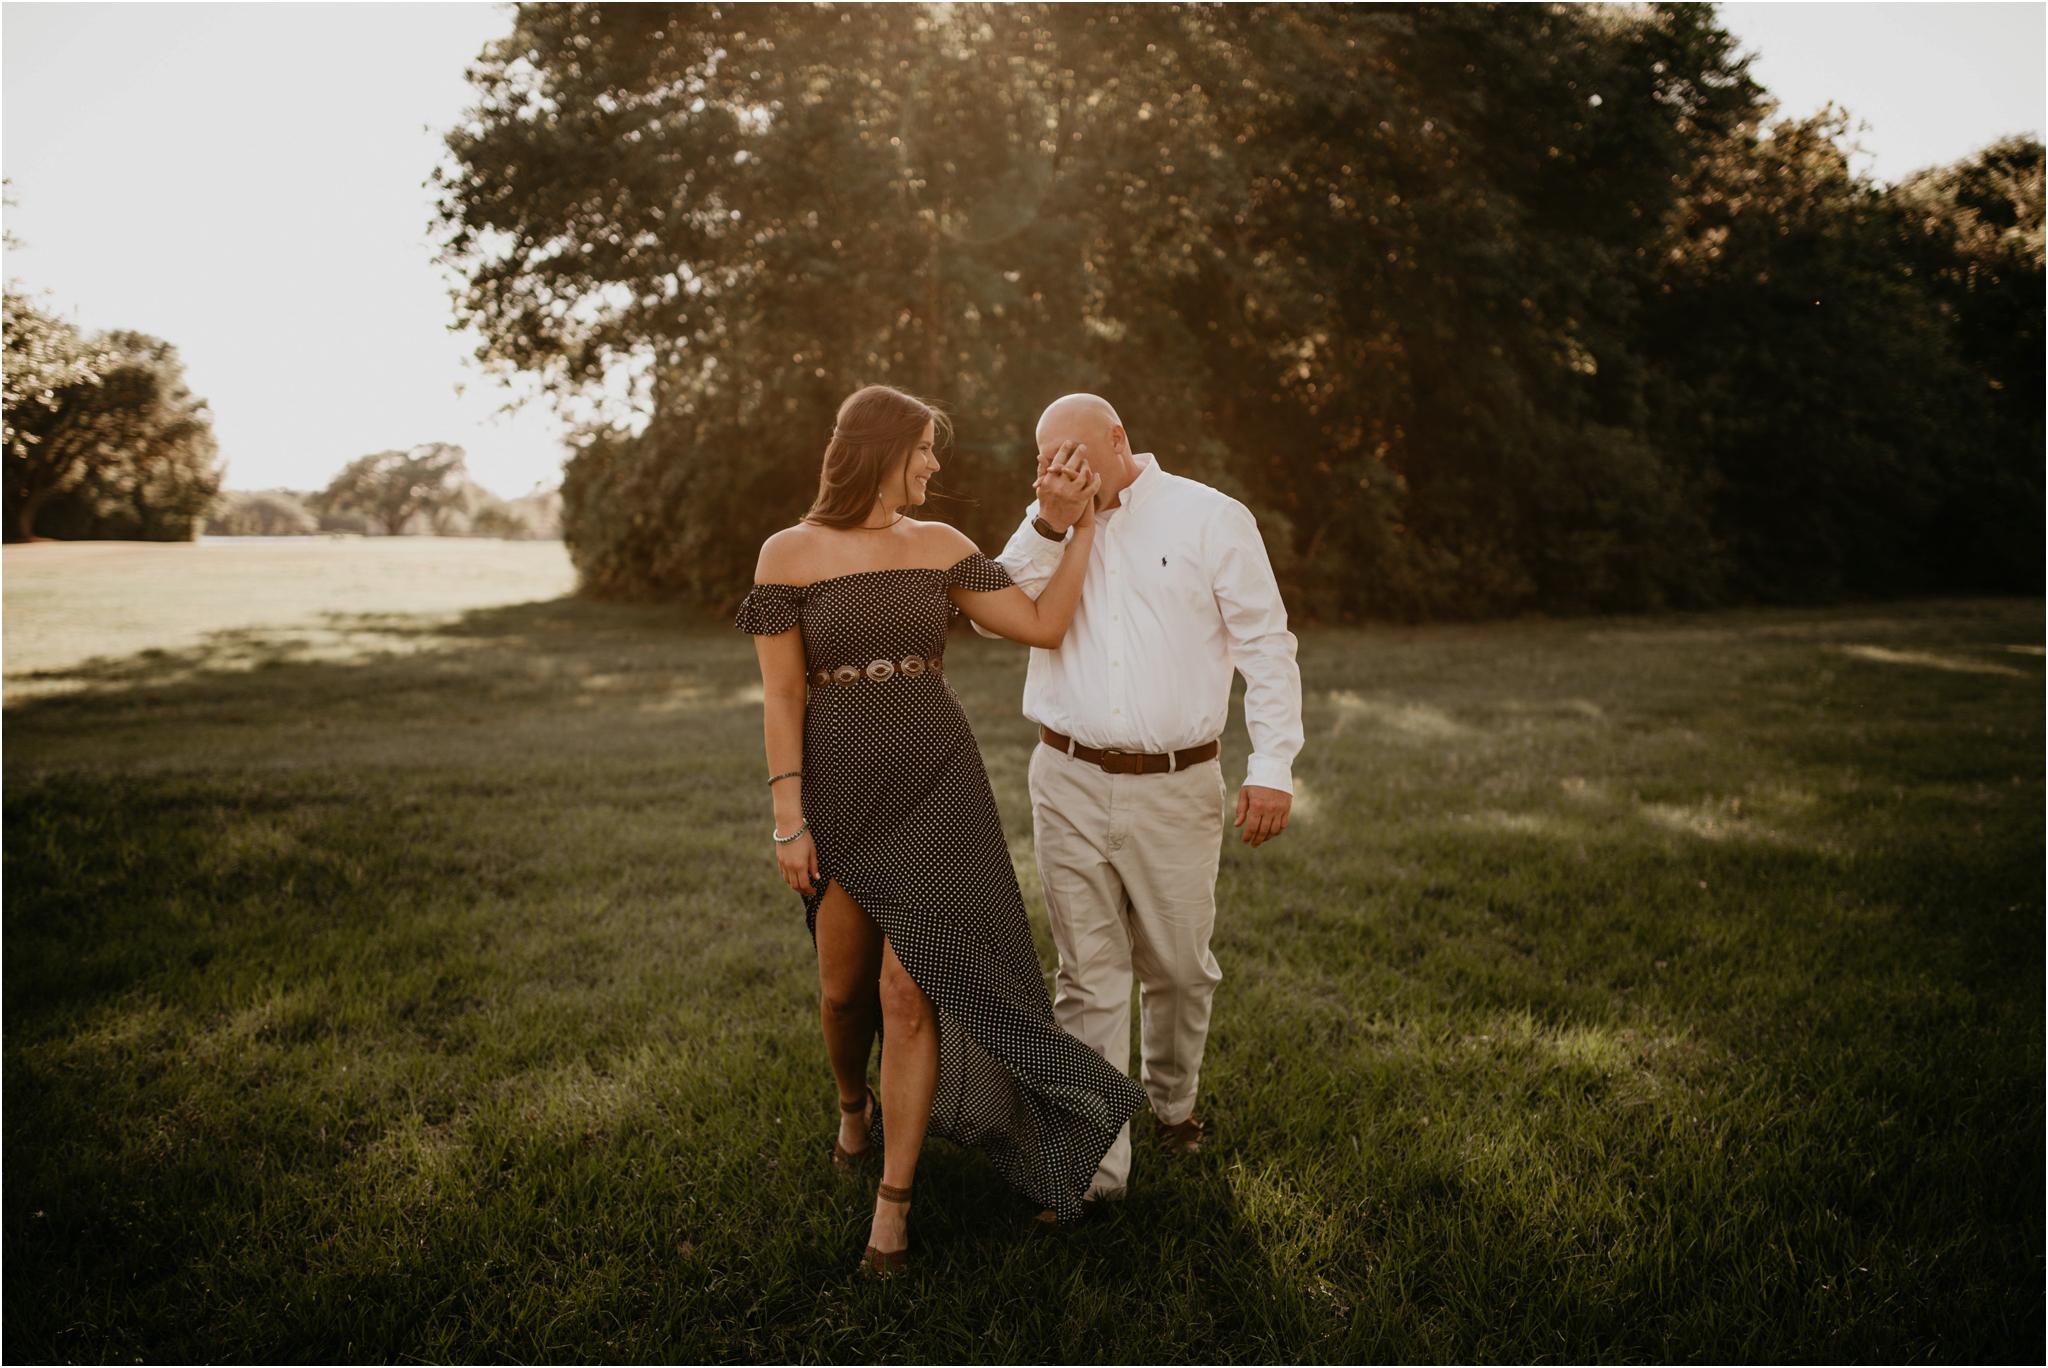 katie-and-eric-houston-oaks-engagement-session-houston-wedding-photographer-004.jpg